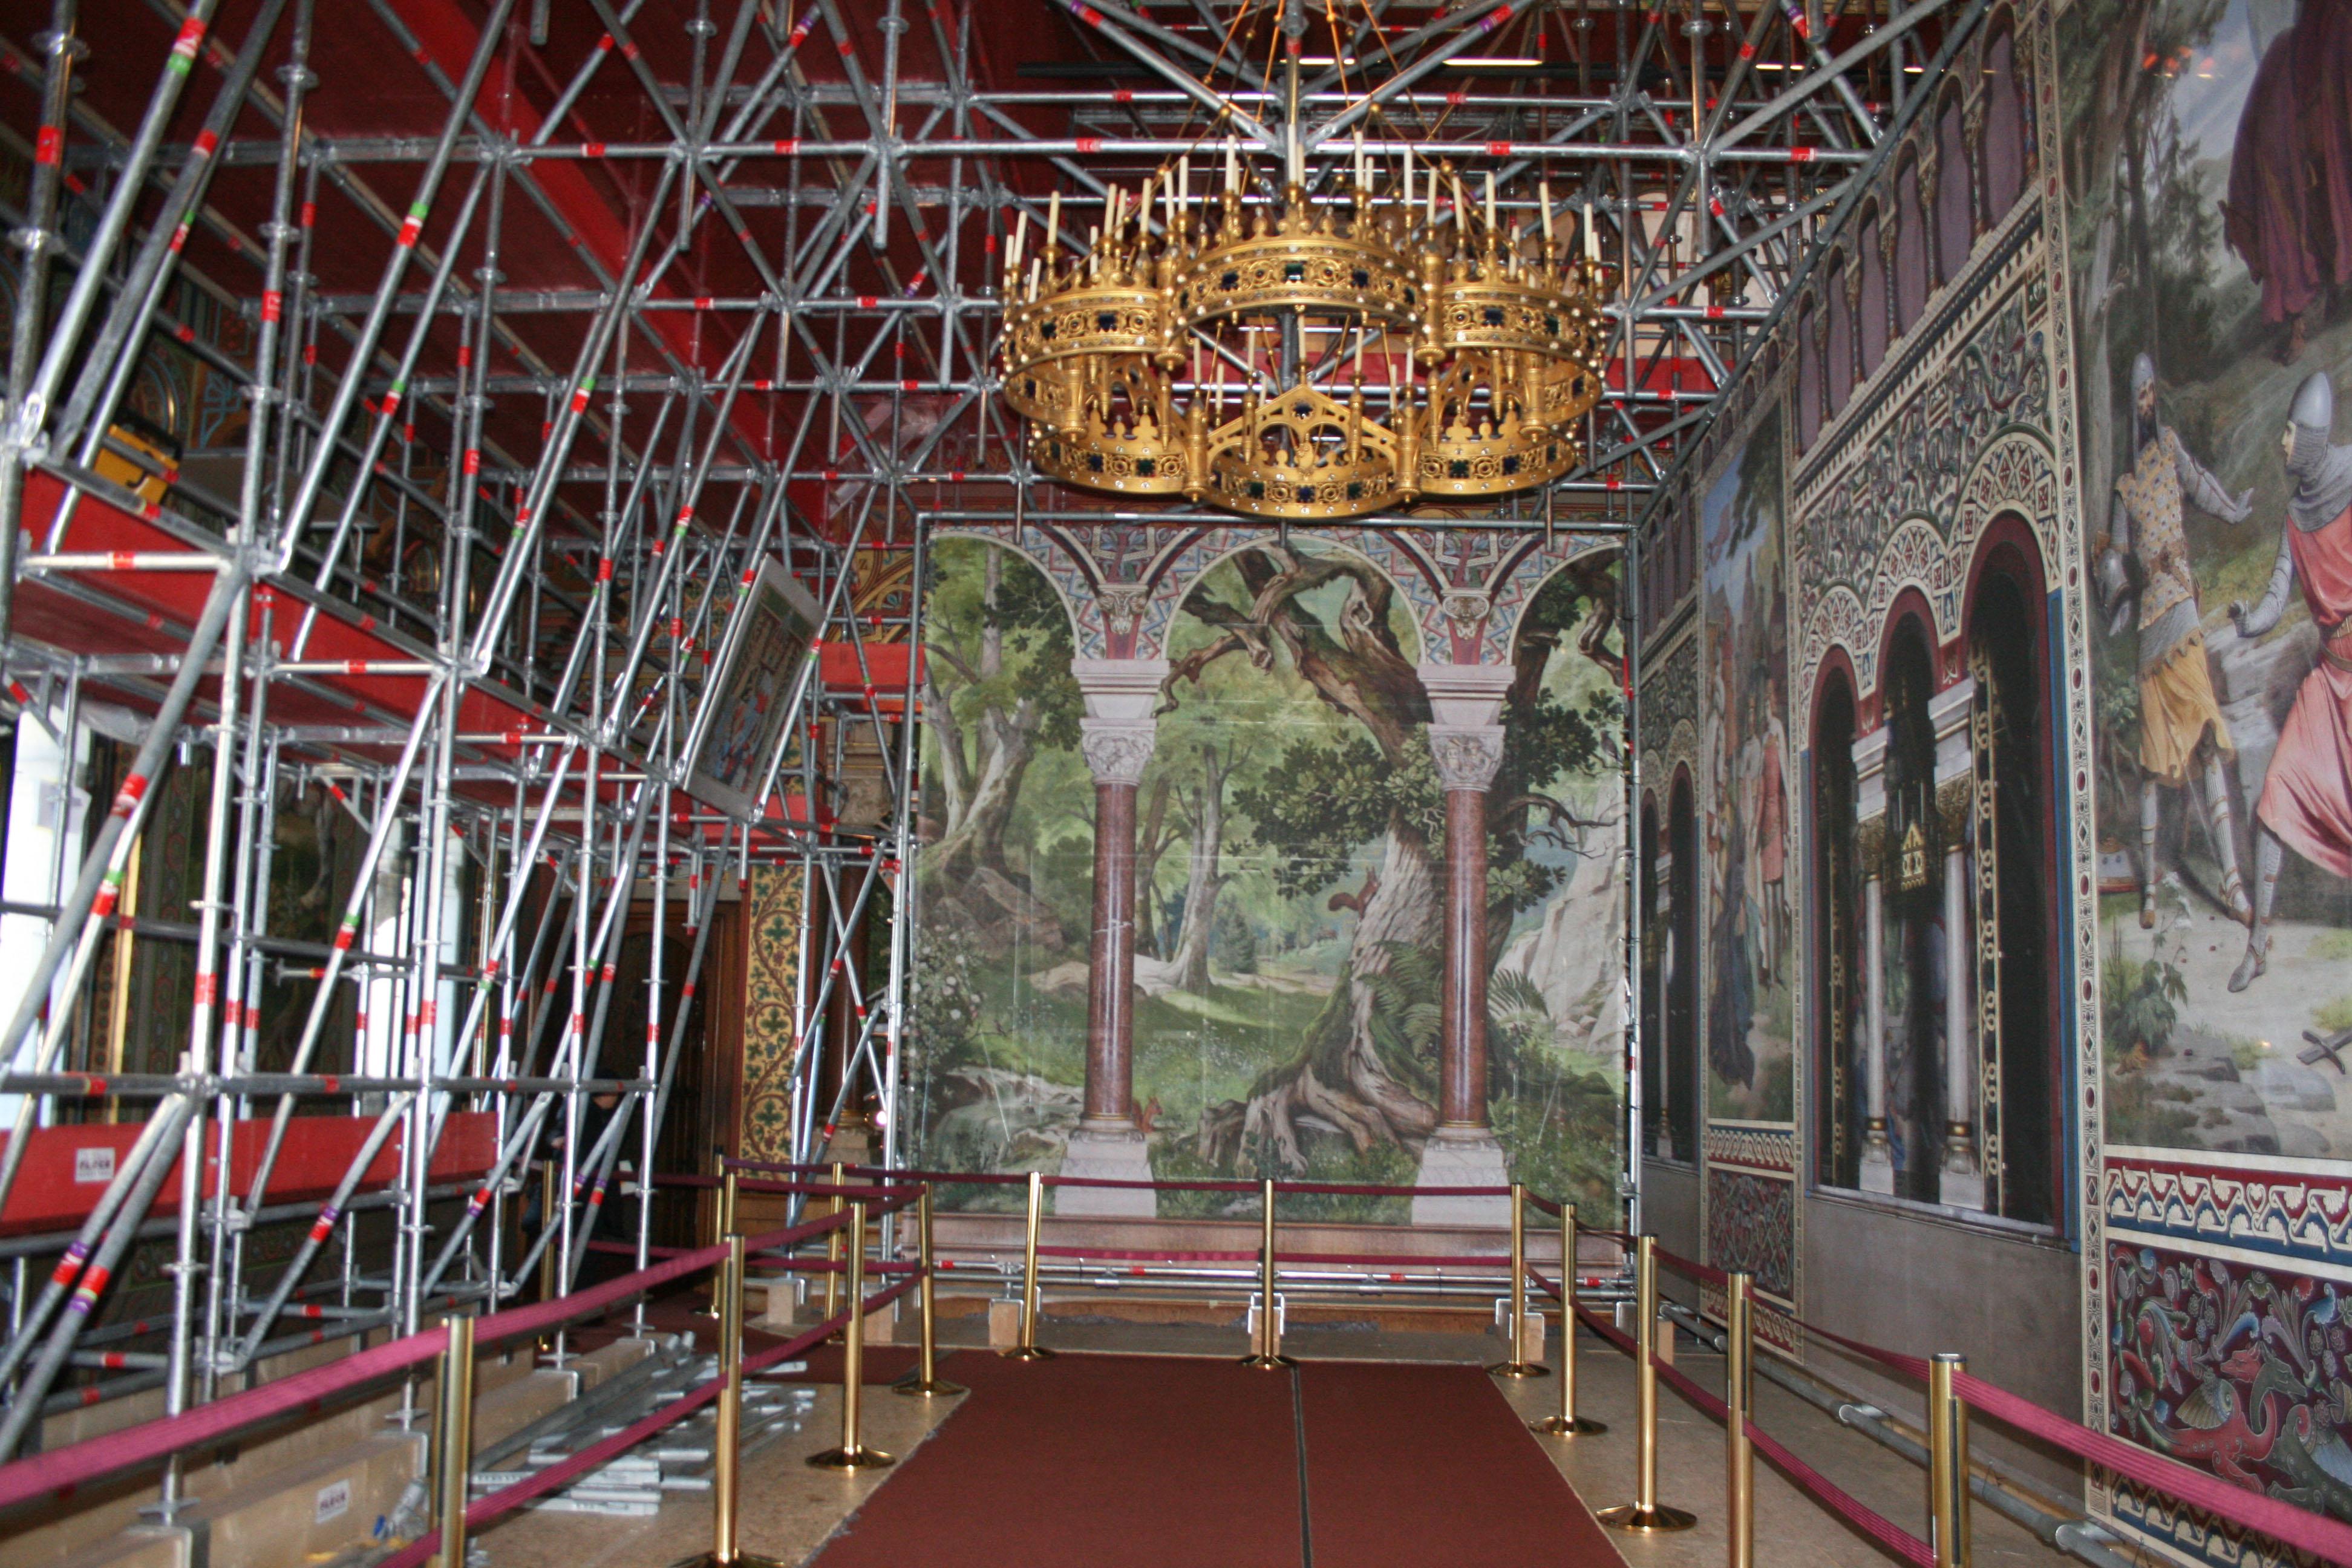 Die Renovierung Von Schloss Neuschwanstein Schreitet Voran